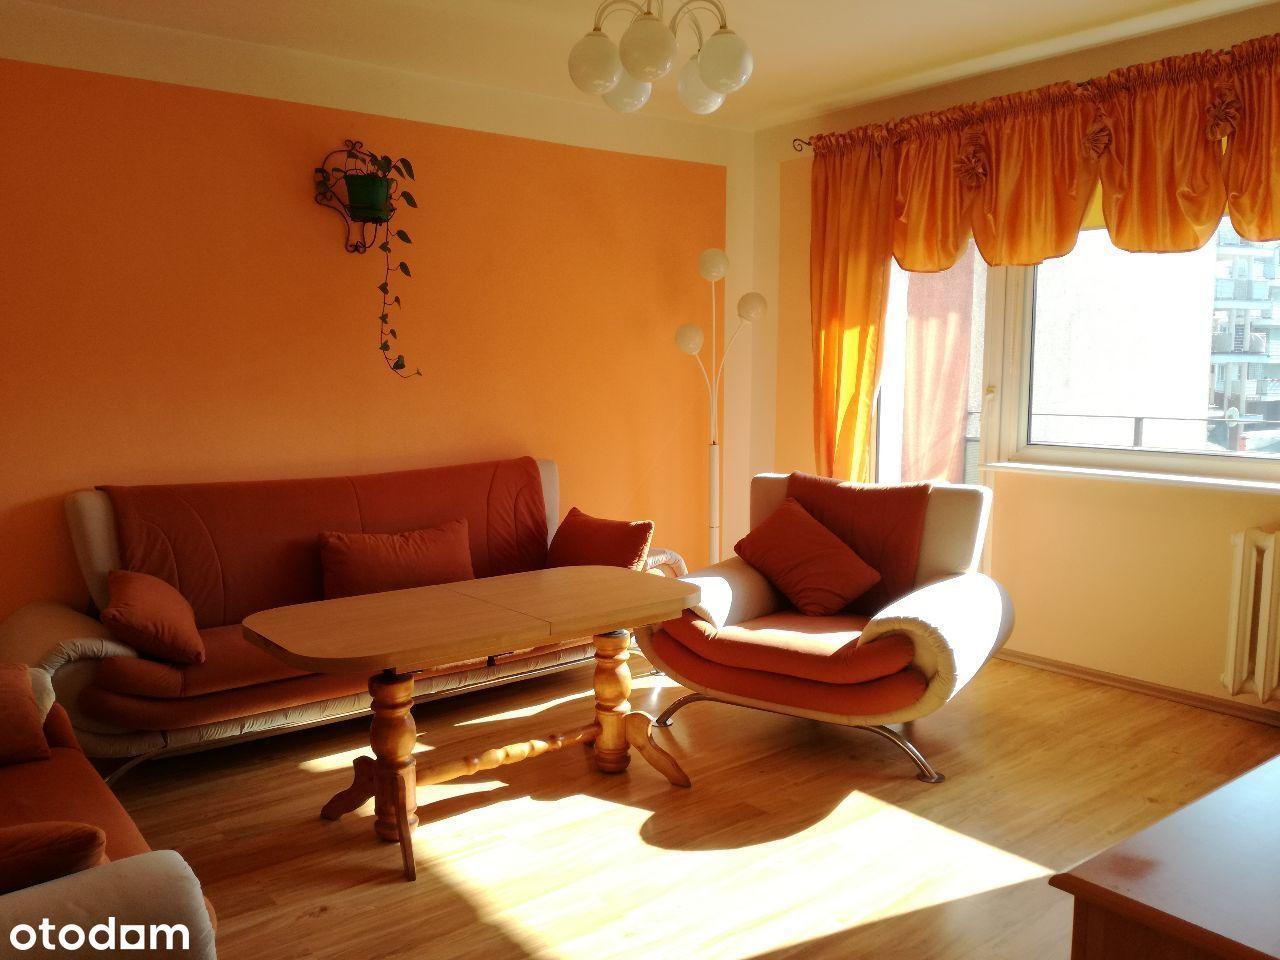 Mieszkanie 3-pokojowe / 55 m2 / Super Lokalizacja!